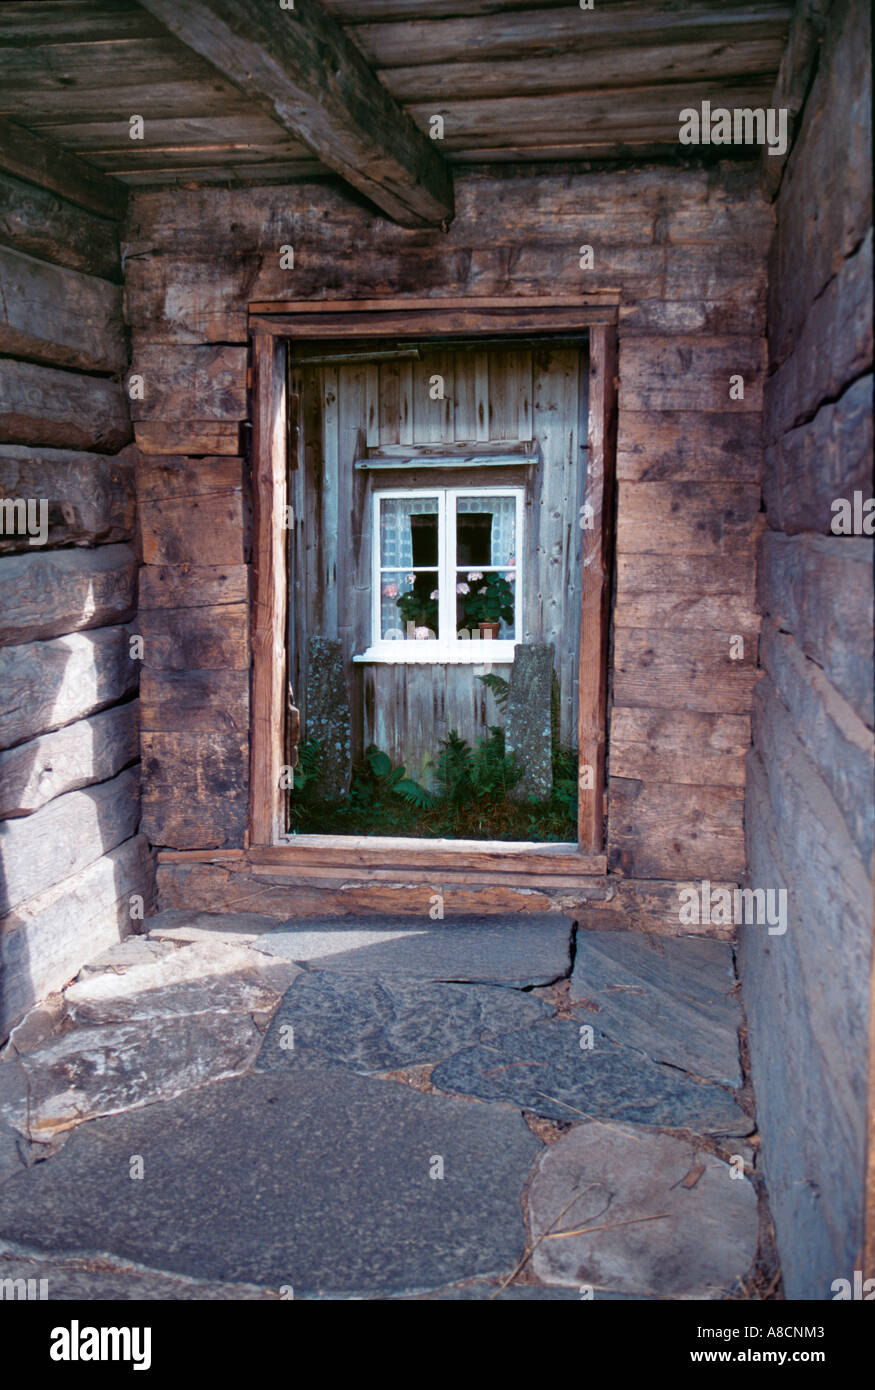 Rustikale Blockhütte Bauernhaus innen Stockfoto, Bild: 6892546 - Alamy